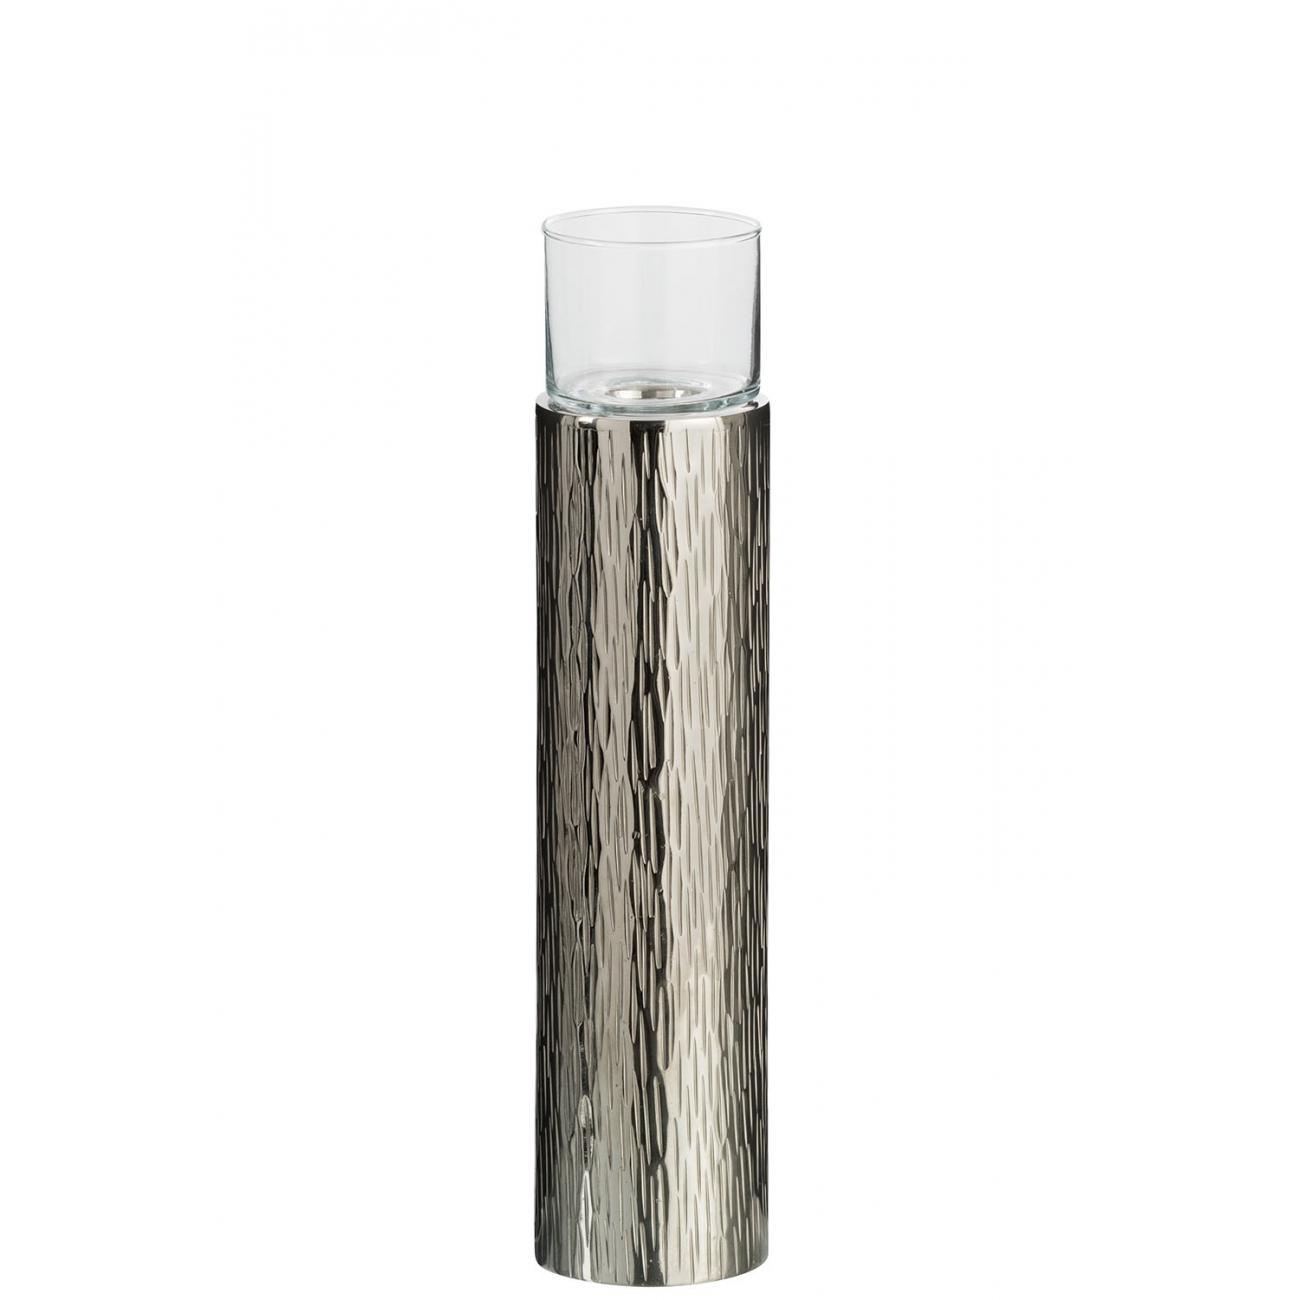 Подсвечник J-LINE алюминиевый  37 см